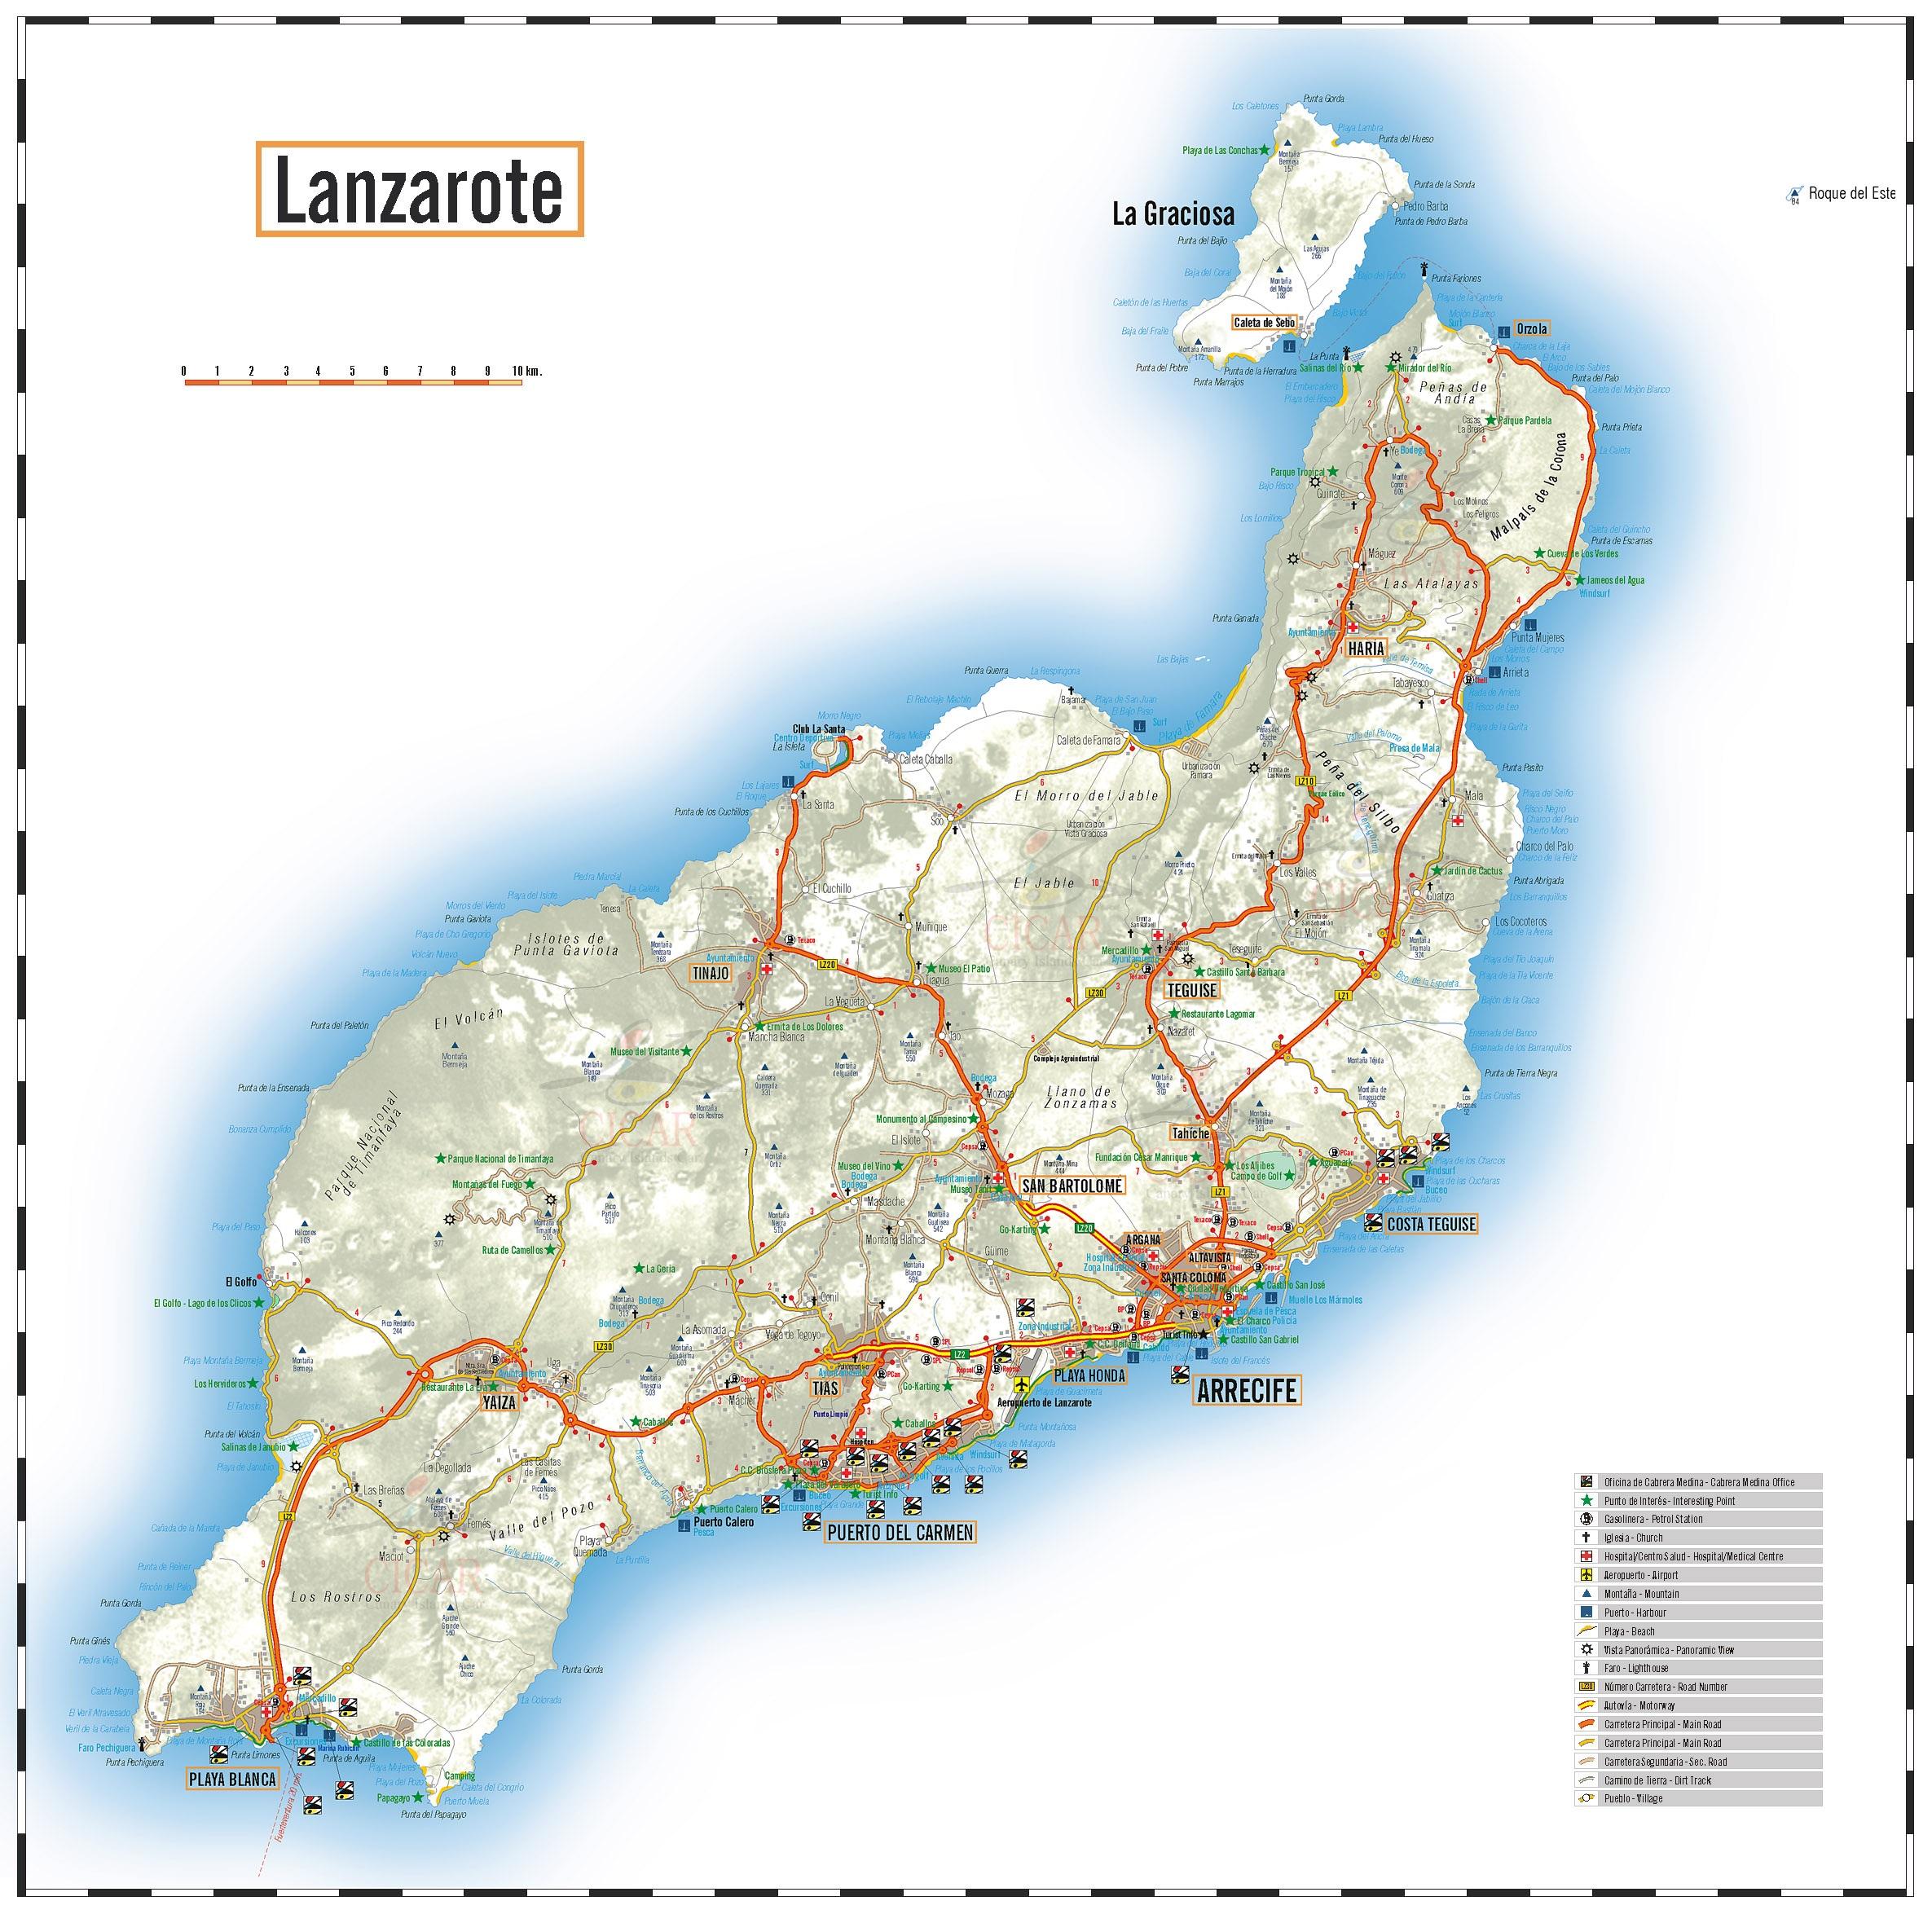 Spagna E Isole Canarie Cartina Geografica.Carta Stradale Isole Lanzarote In Alta Definizione Isole Canarie Spagna